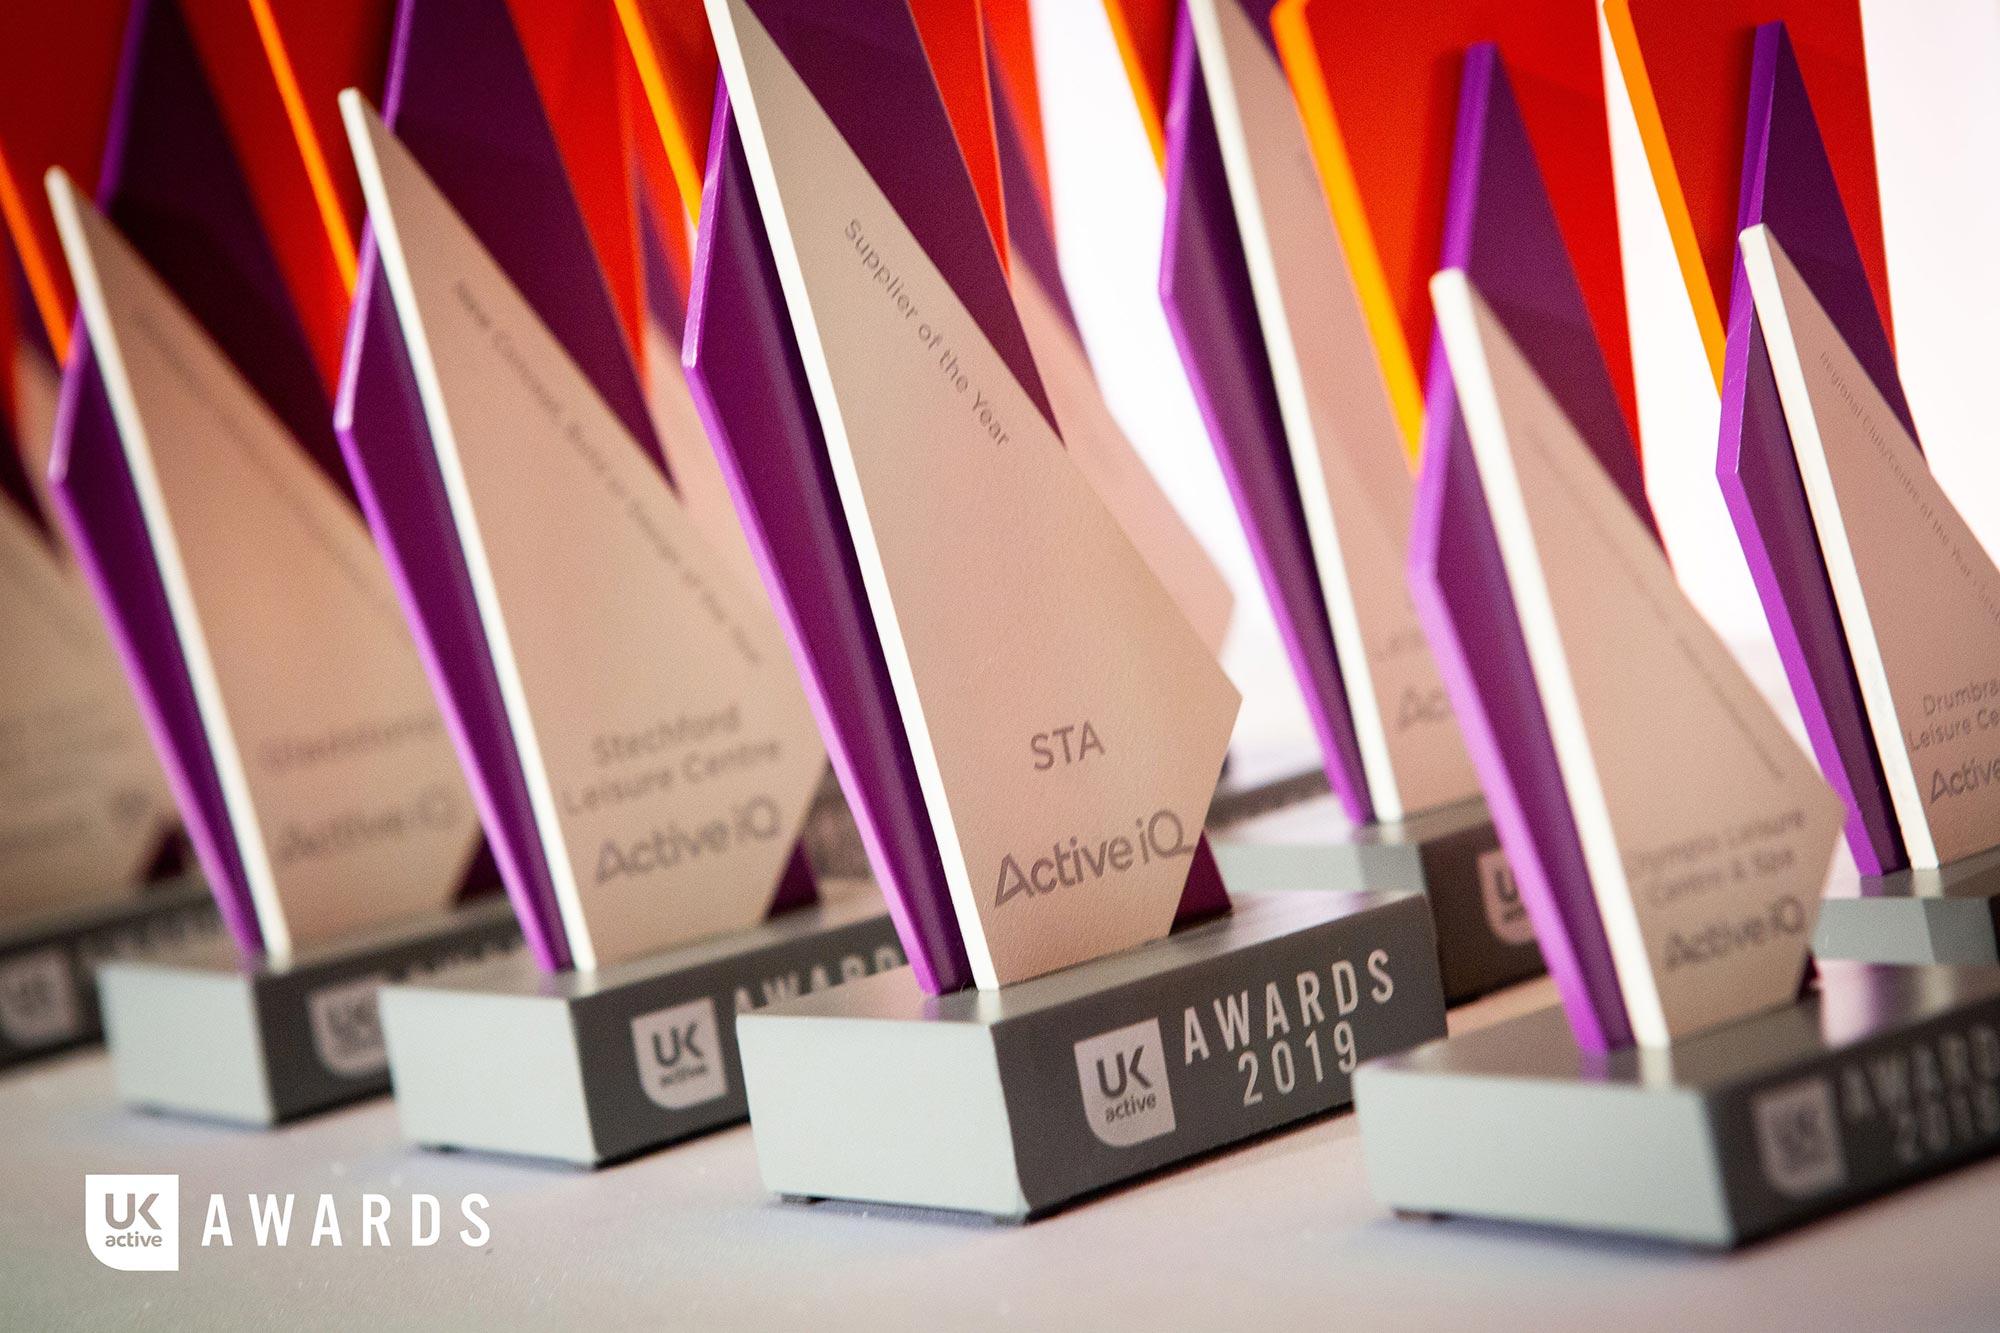 ukactive Awards postponed until 2021